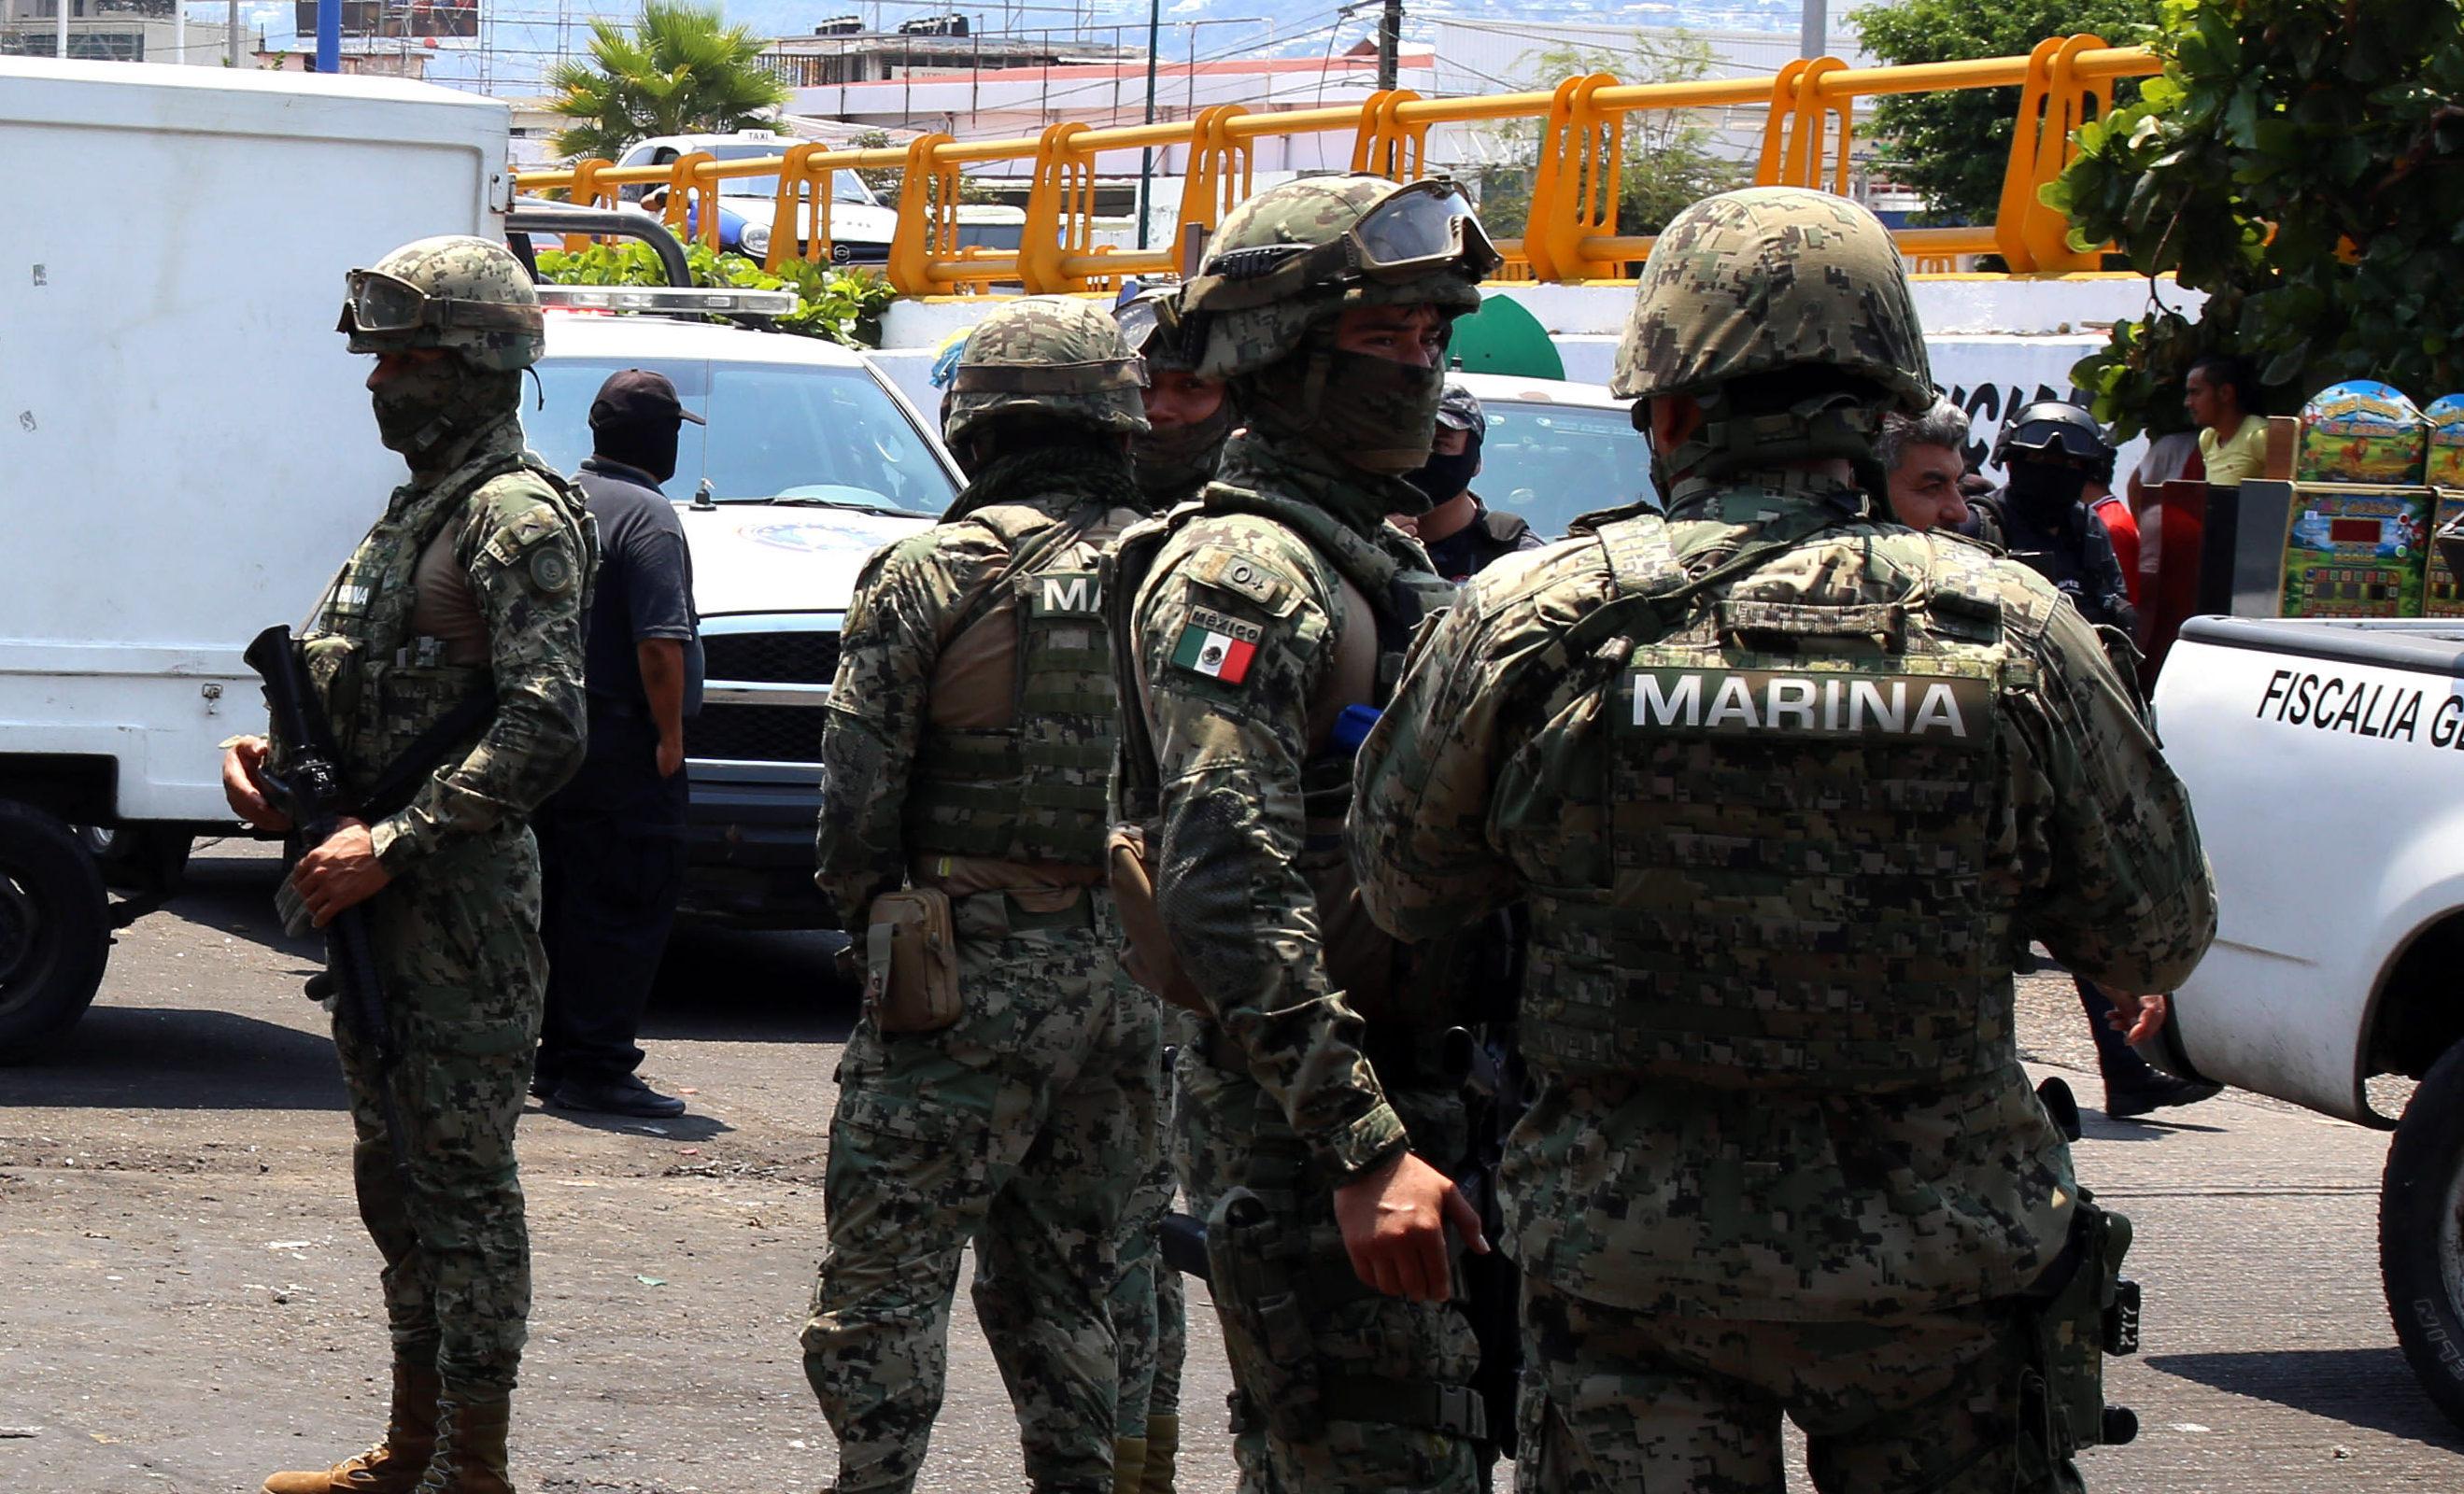 Marina Guardia Nacional México CNDH